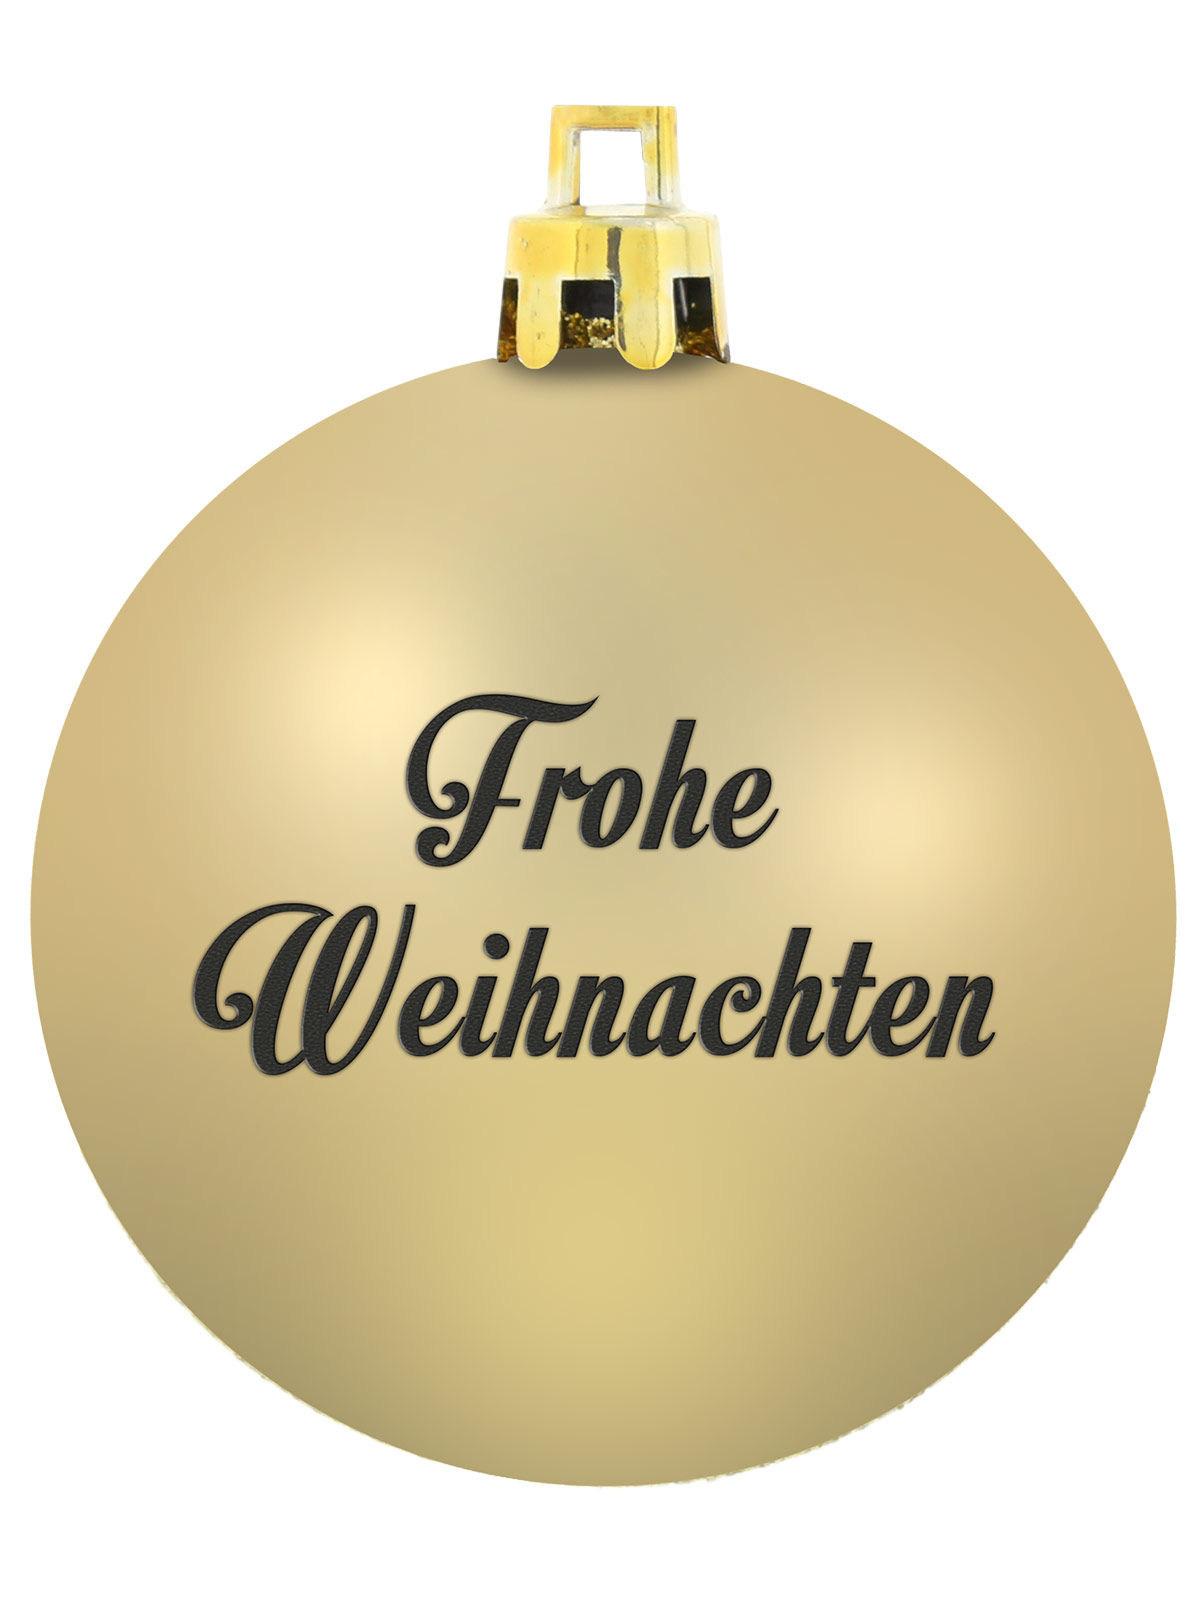 Geschenke Günstig Weihnachten.Geschenk Weihnachtskugel Frohe Weihnachten Mit Schlitz Für Geldscheine Gold 7cm